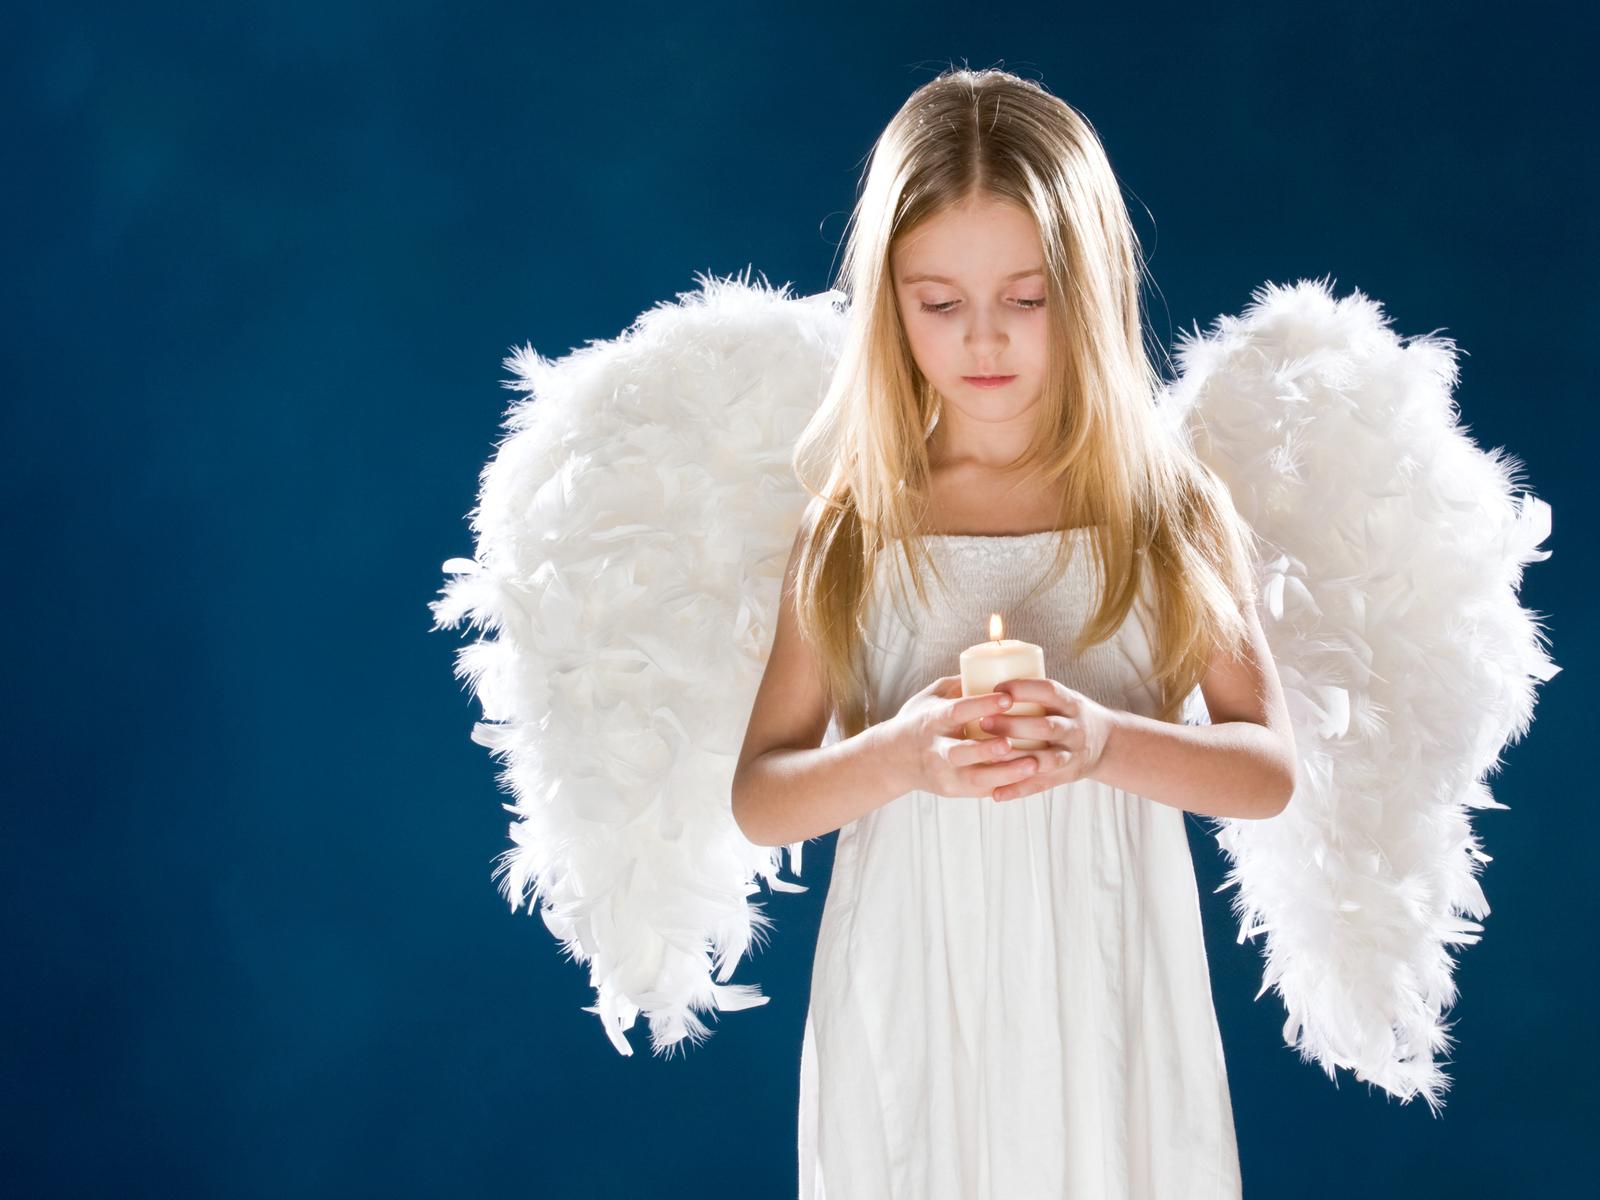 мой милый ангелочек картинки кальмаров